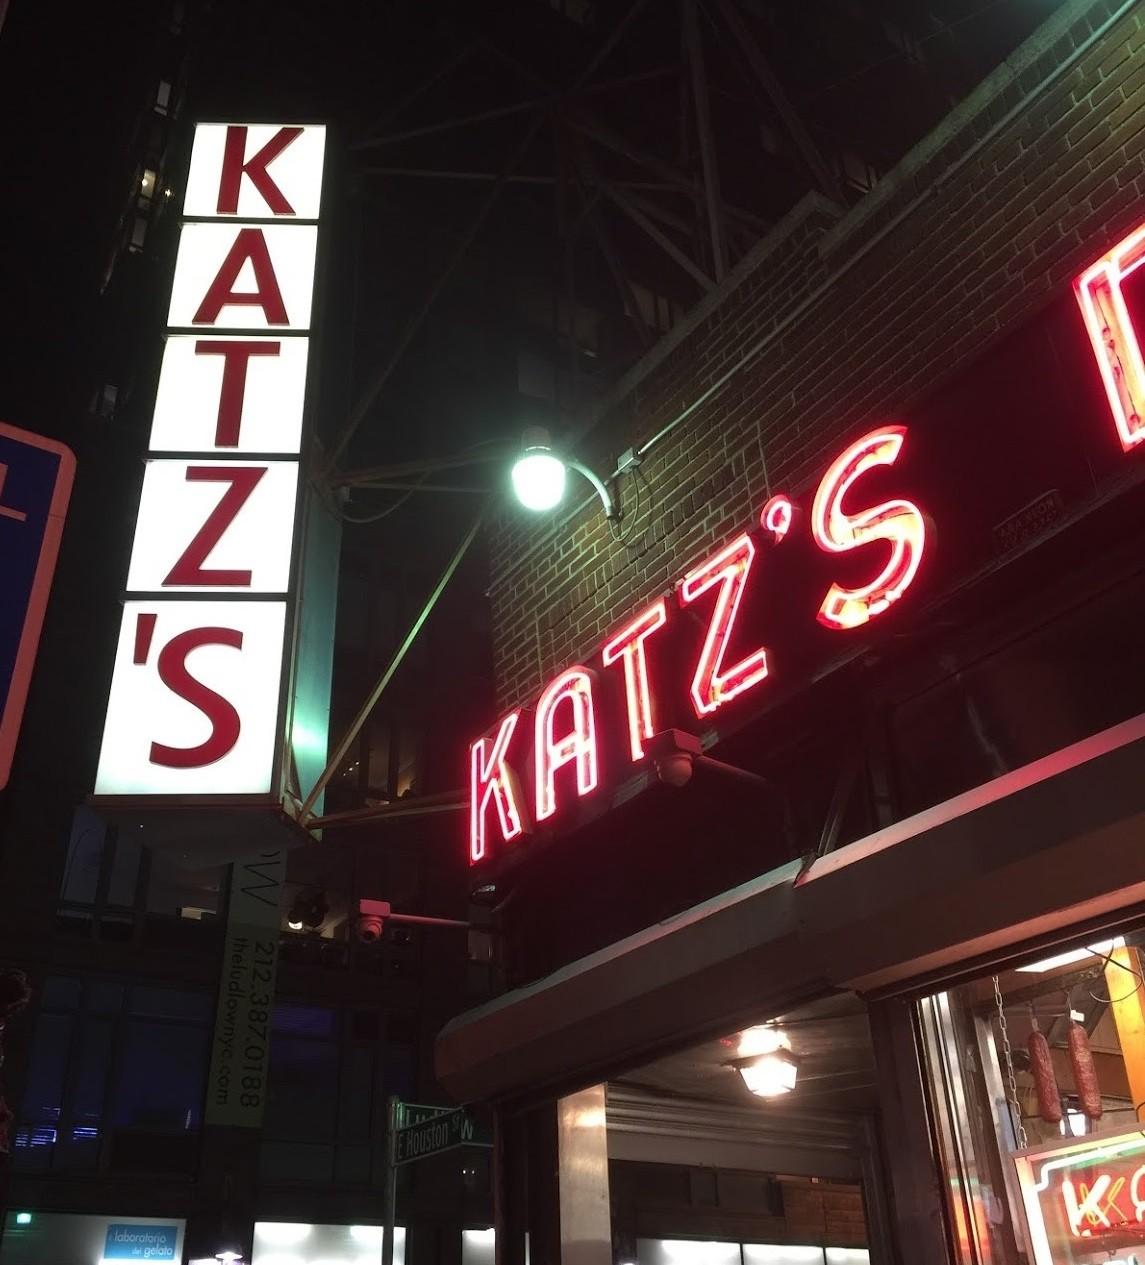 食べたことある?ニューヨーク名物パストラミサンドなら『カッツ デリカテッセン』がおすすめ!